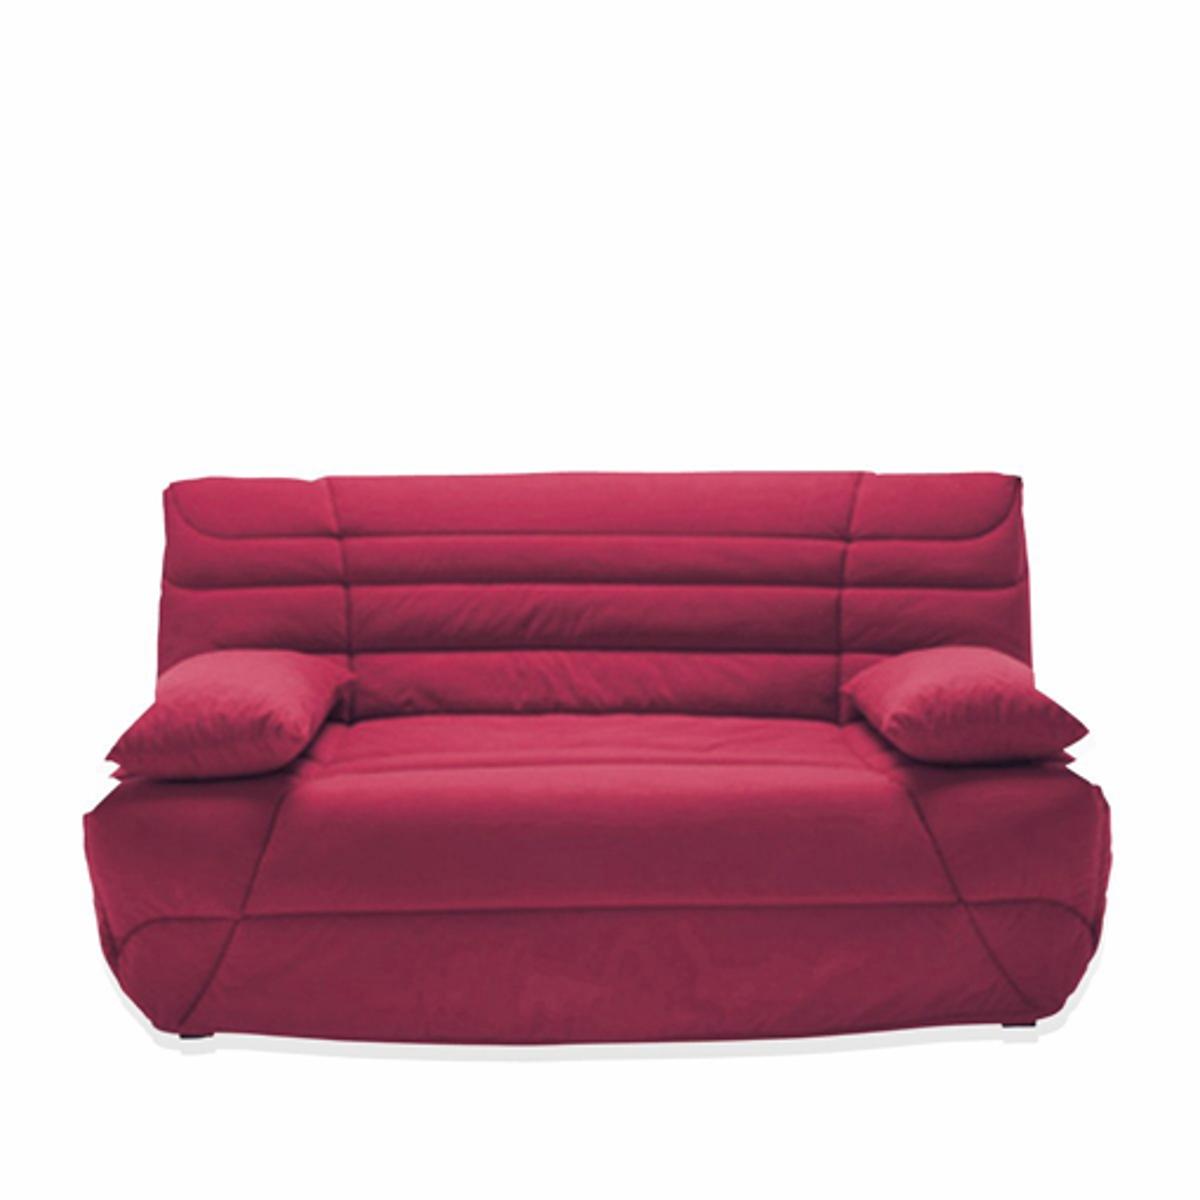 Чехол для дивана-книжки, толщина 14 см, усовершенствованная модельЧехол для дивана-книжки, усовершенствованная модель. - Практичный, позволит сменить декор и продлить срок службы вашего дивана-книжки ! Сделано в Европе.Размеры :3 варианта ширины :Ширина 90 см, толщина 14 смШирина 140 см, толщина 14 смШирина 160 см, толщина 14 смОписание :- Практичный, позволит сменить декор и продлить срок службы вашего дивана-книжки!- Стеганый чехол с наполнителем из полиэстера, плотность. 250 г/м3Застежка на молнию- Поставляется в комплекте с 2 чехлами на подушку-валик (кроме модели 90 см)Обивка :- Однотонная расцветка : 100% хлопок, пропитка от пятен (250 г/м?)- Расцветка с рисунком : 50% хлопка, 50% полиэстера- Меланжевая расцветка : 100% полиэстер- Предоставляем бесплатные образцы материала : Введите примеры дивана-книжки в поисковой системе на сайте laredoute.ru.Другие модели коллекции диванов-книжки вы можете найти на сайте laredoute.ru<br><br>Цвет: антрацит,красный,серо-каштановый меланж,серо-коричневый каштан,сине-зеленый,темно-серый меланж,шоколадно-каштановый<br>Размер: 160 x 200  см.140 x 190  см.140 x 190  см.140 x 190  см.140 x 190  см.90 x 190  см.90 x 190  см